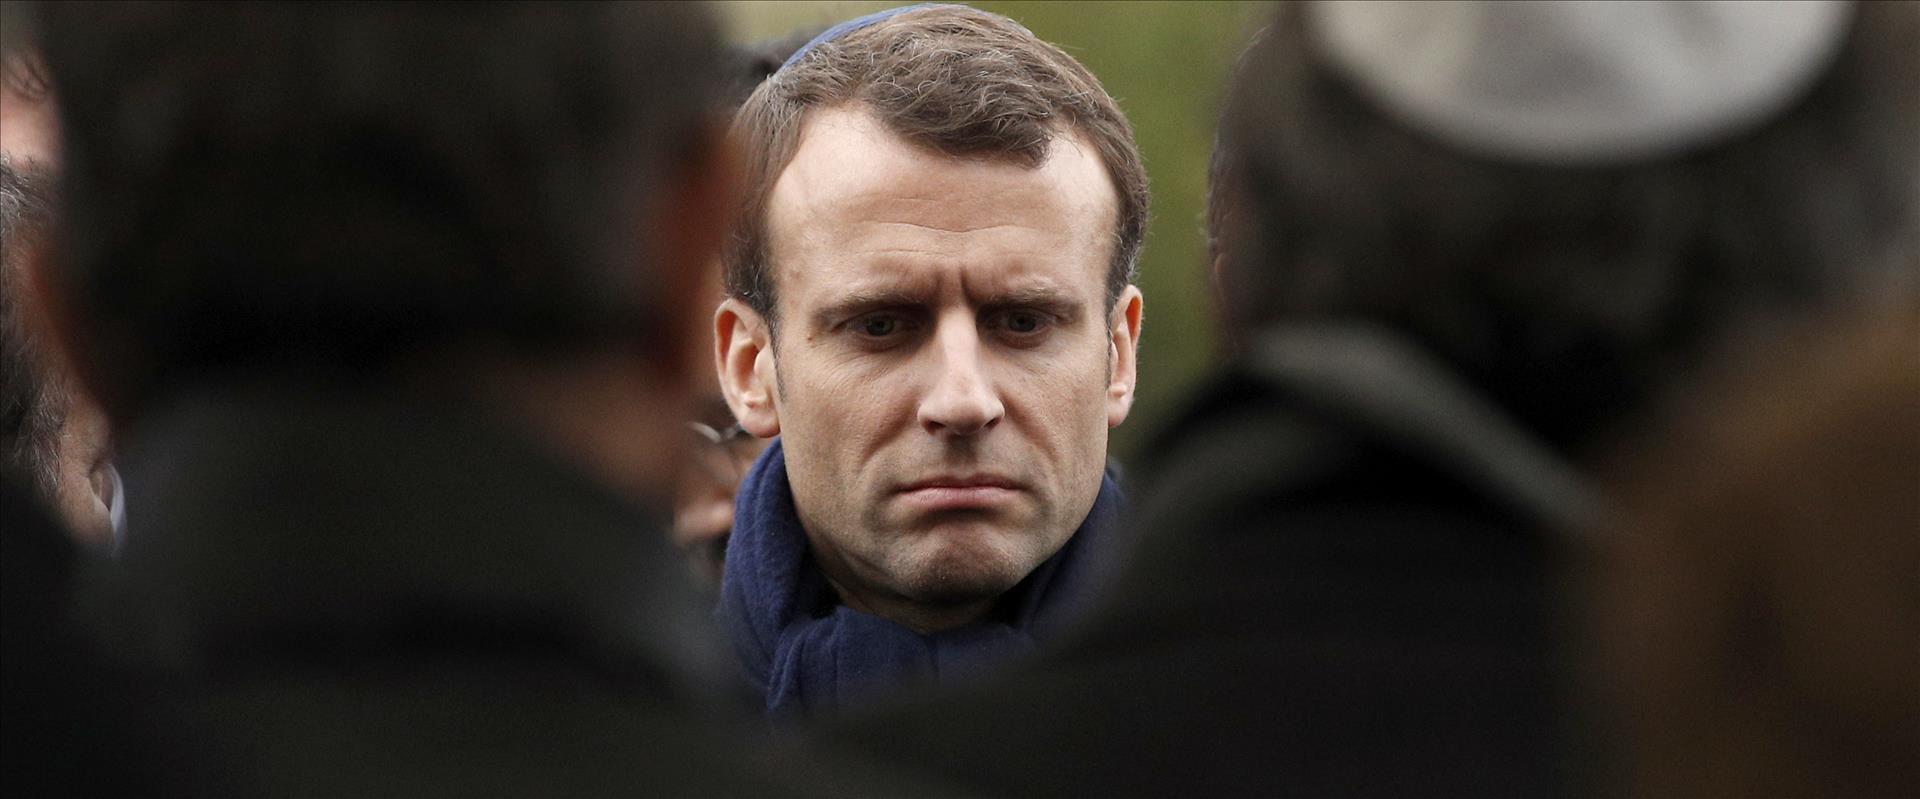 נשיא צרפת, עמנואל מקרון בבית הקברות שהושחט